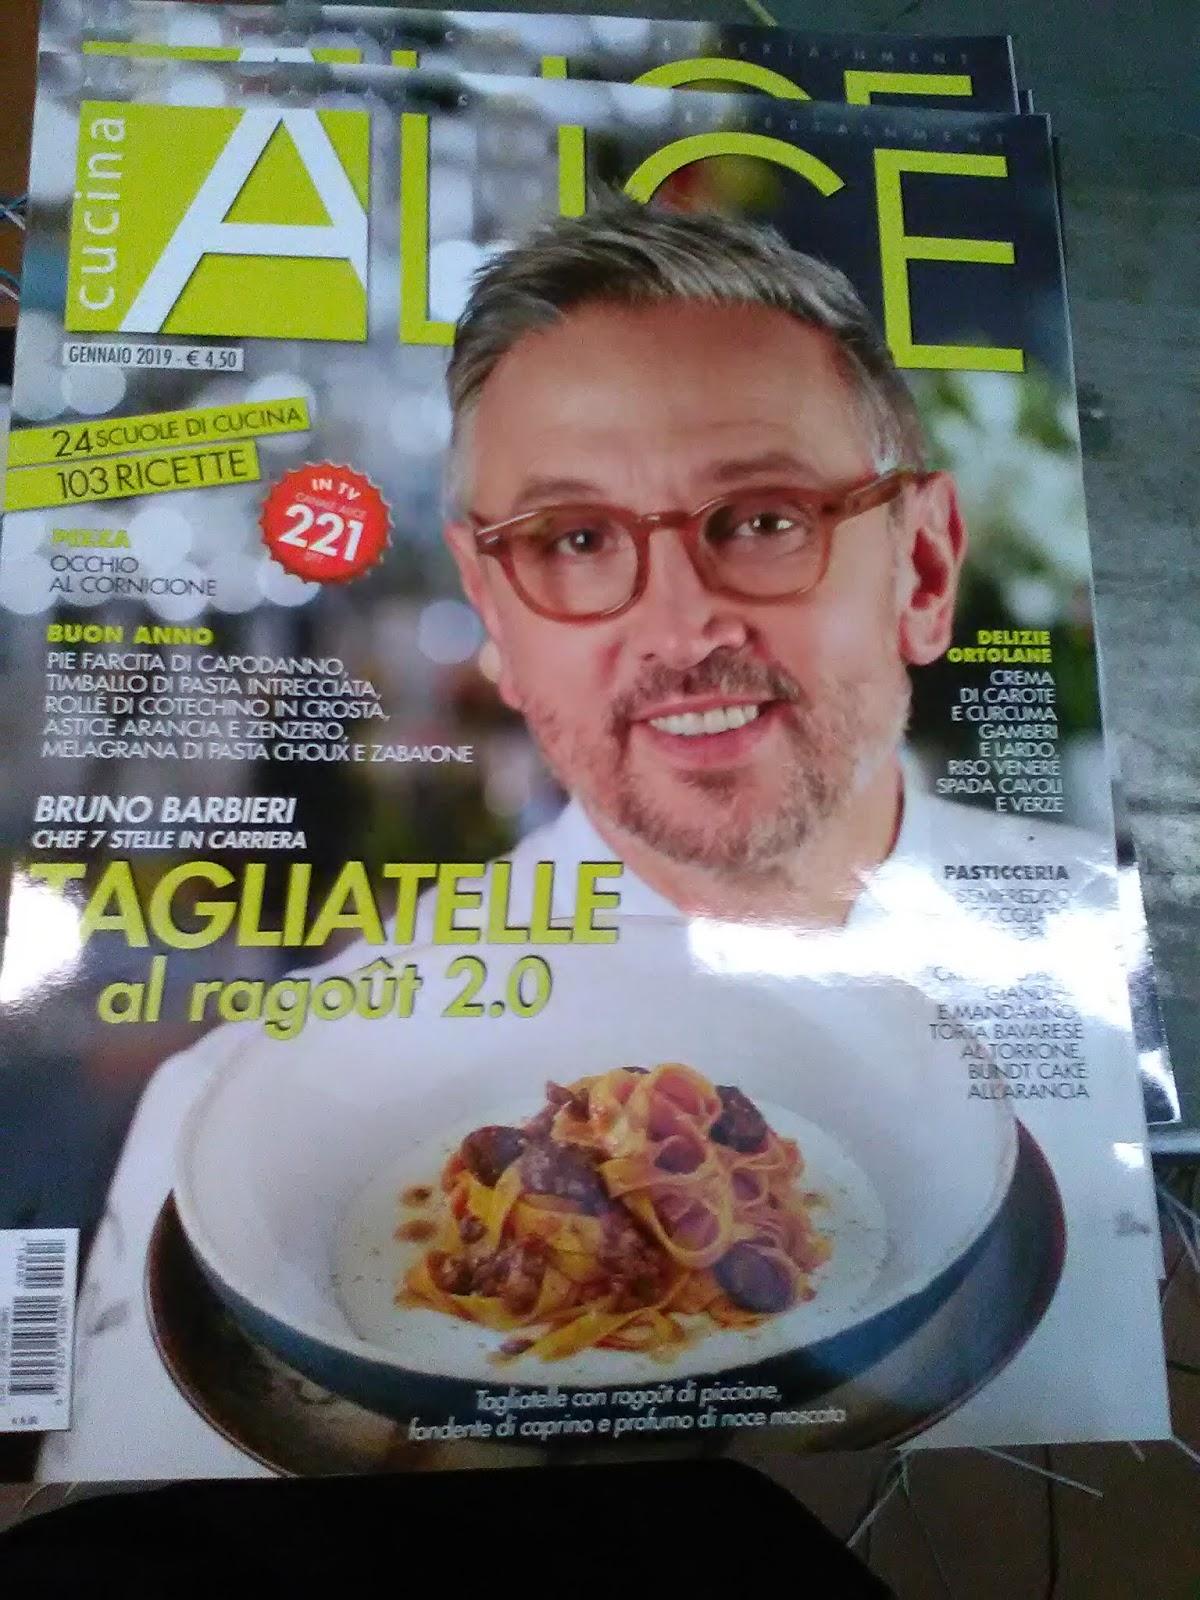 Stamattina mi è capitata in mano la rivista di cucina che vedete qui sopra.  In copertina si vede un noto chef in cui ogni tanto m imbatto in  televisione 4b3244724b8